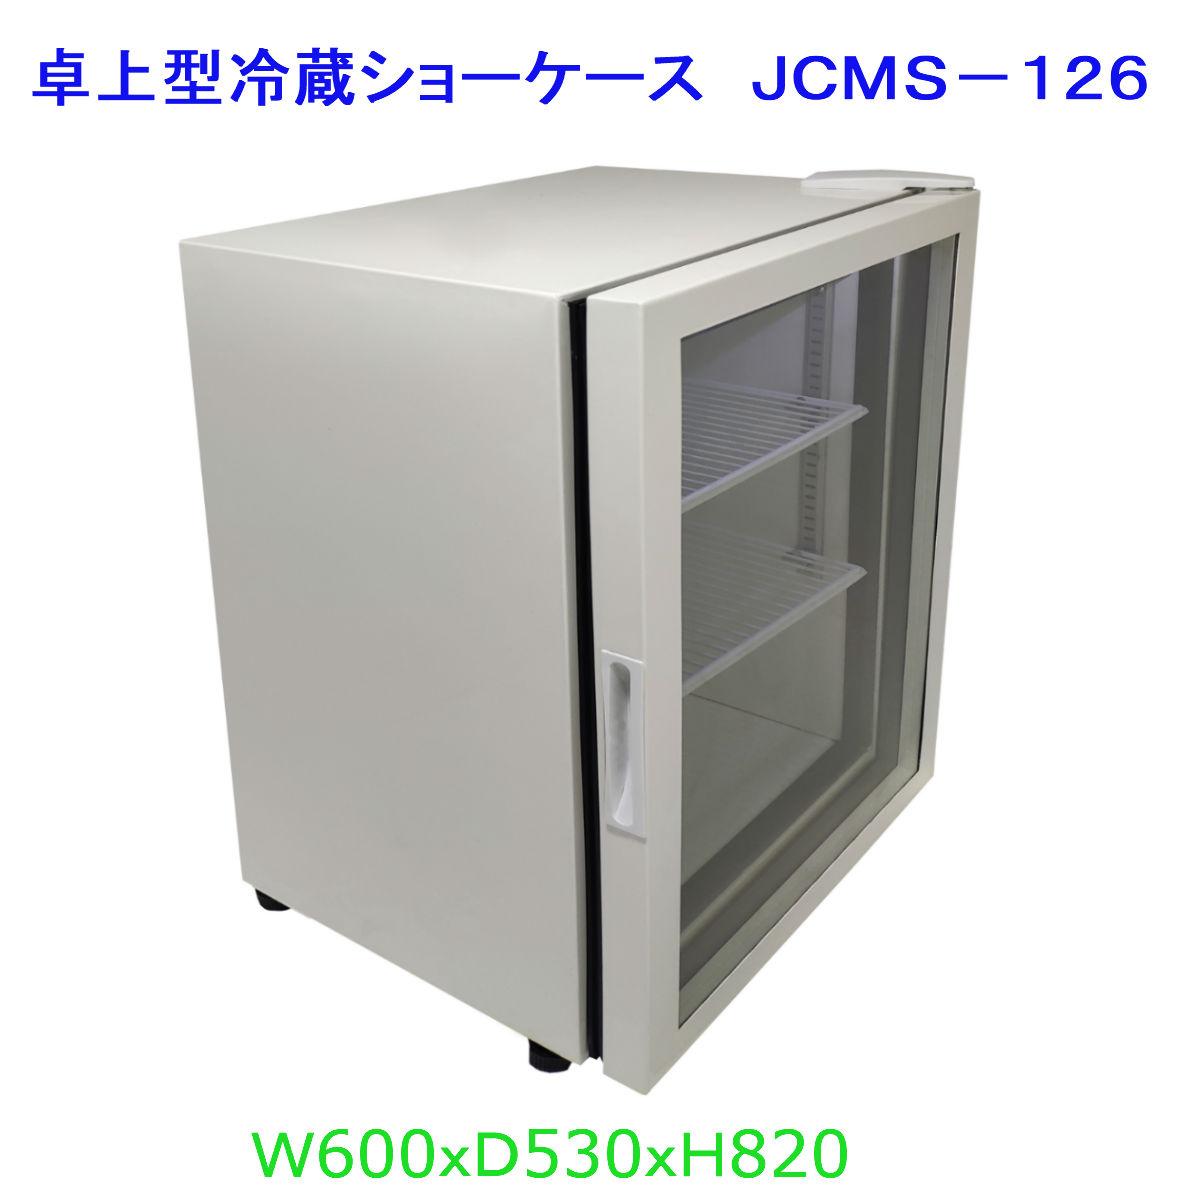 【送料無料】卓上型冷蔵ショーケース 126L